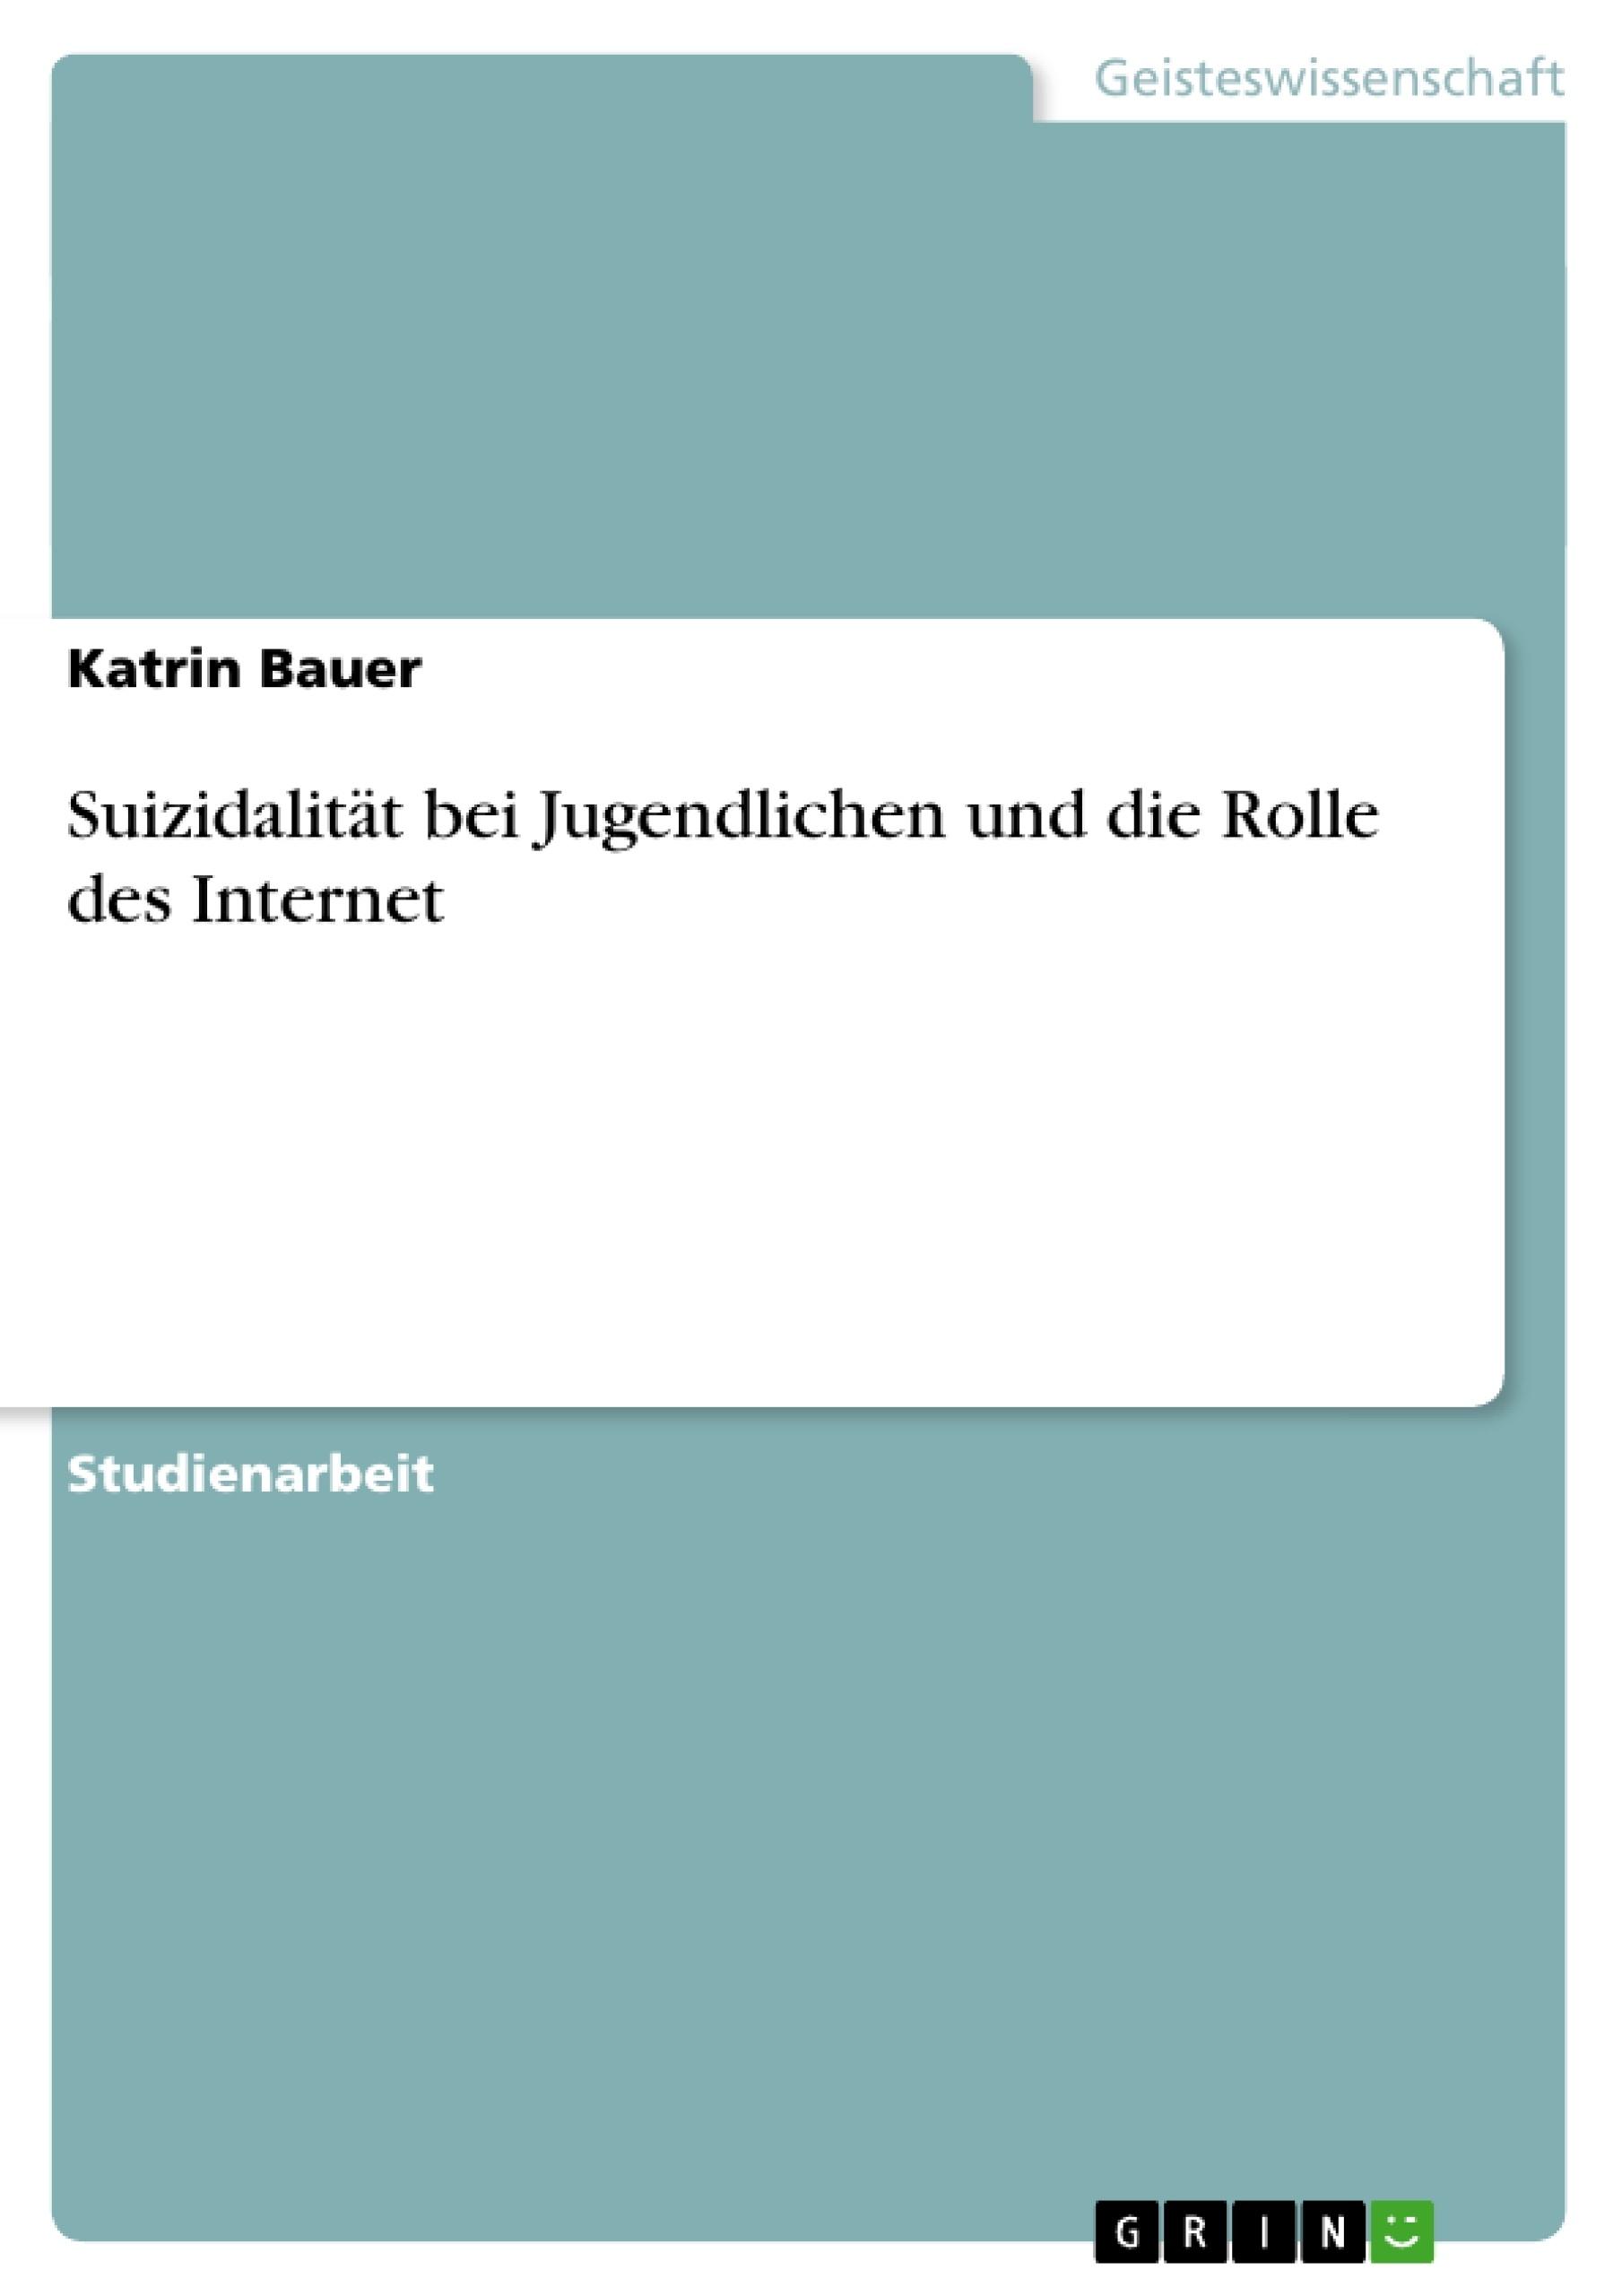 Titel: Suizidalität bei Jugendlichen  und die Rolle des Internet